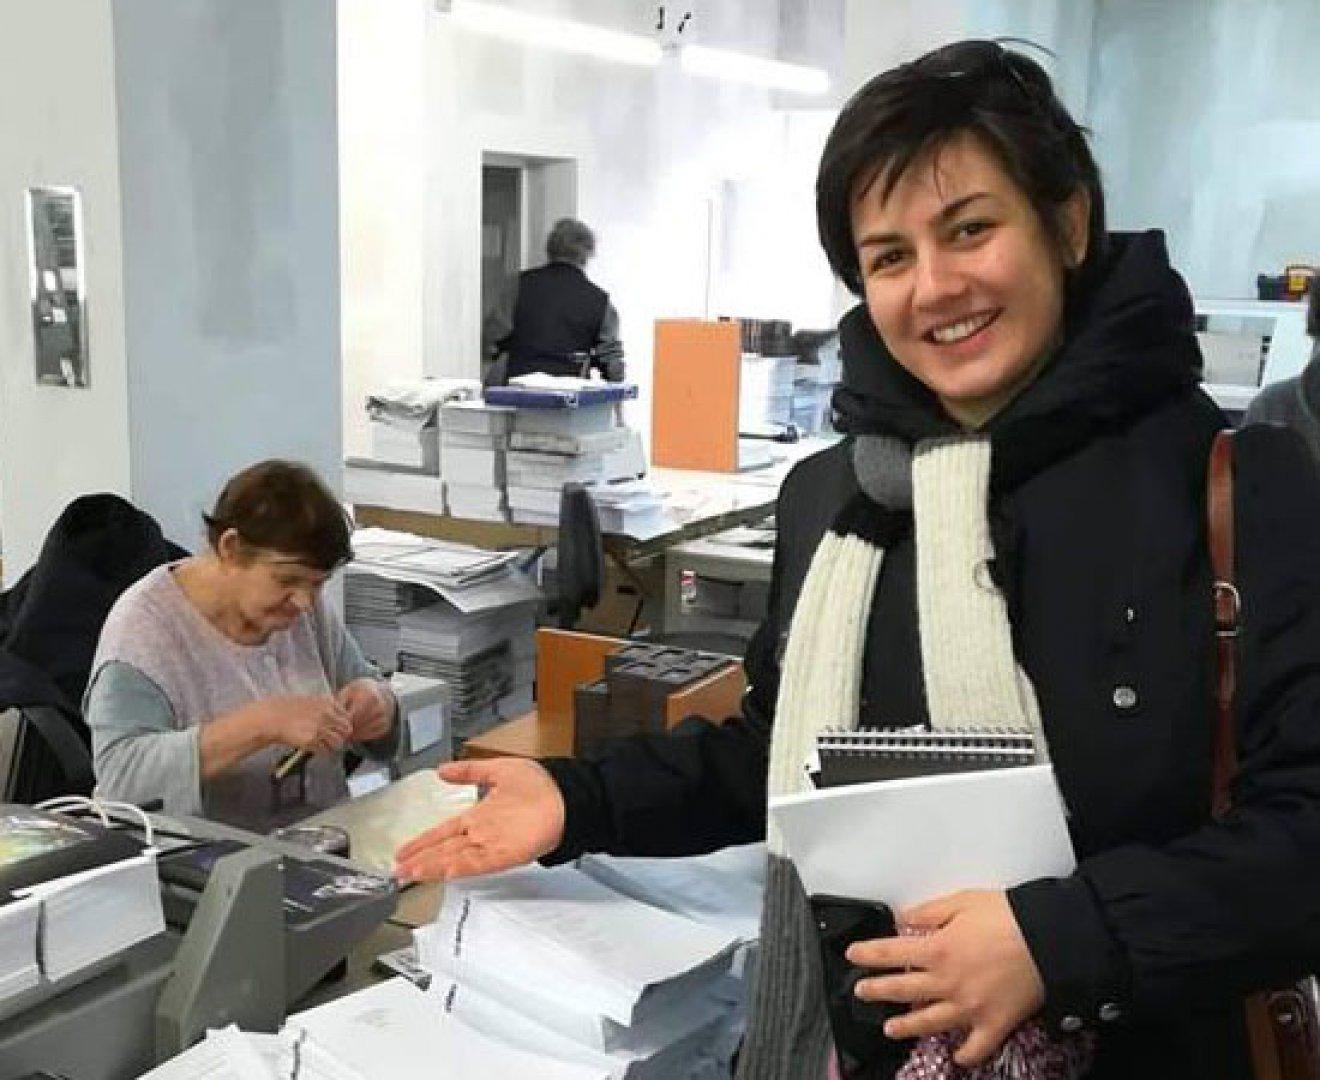 Анамария ще представи новата си стихосбирка в Дома на писателя в Бургас на 22-и февруари. Снимка Личен архив